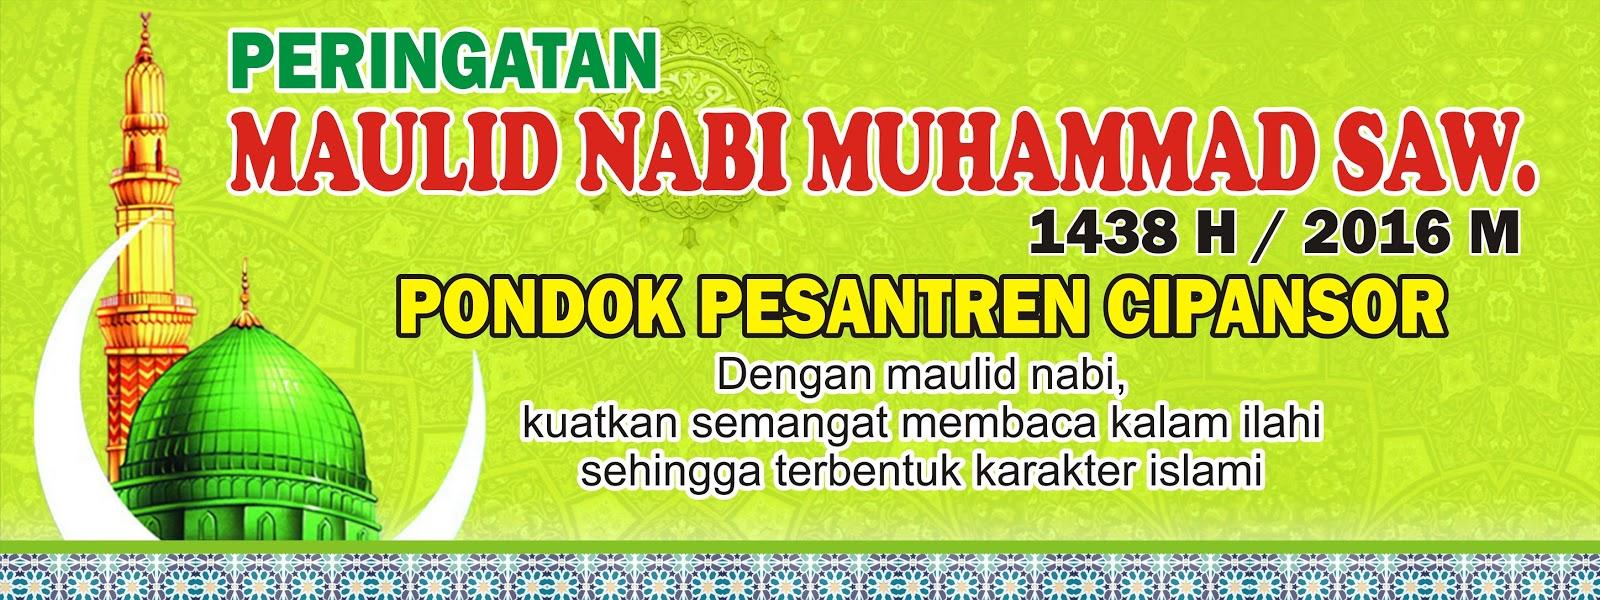 Download Contoh Spanduk Maulid Nabi.cdr - KARYAKU